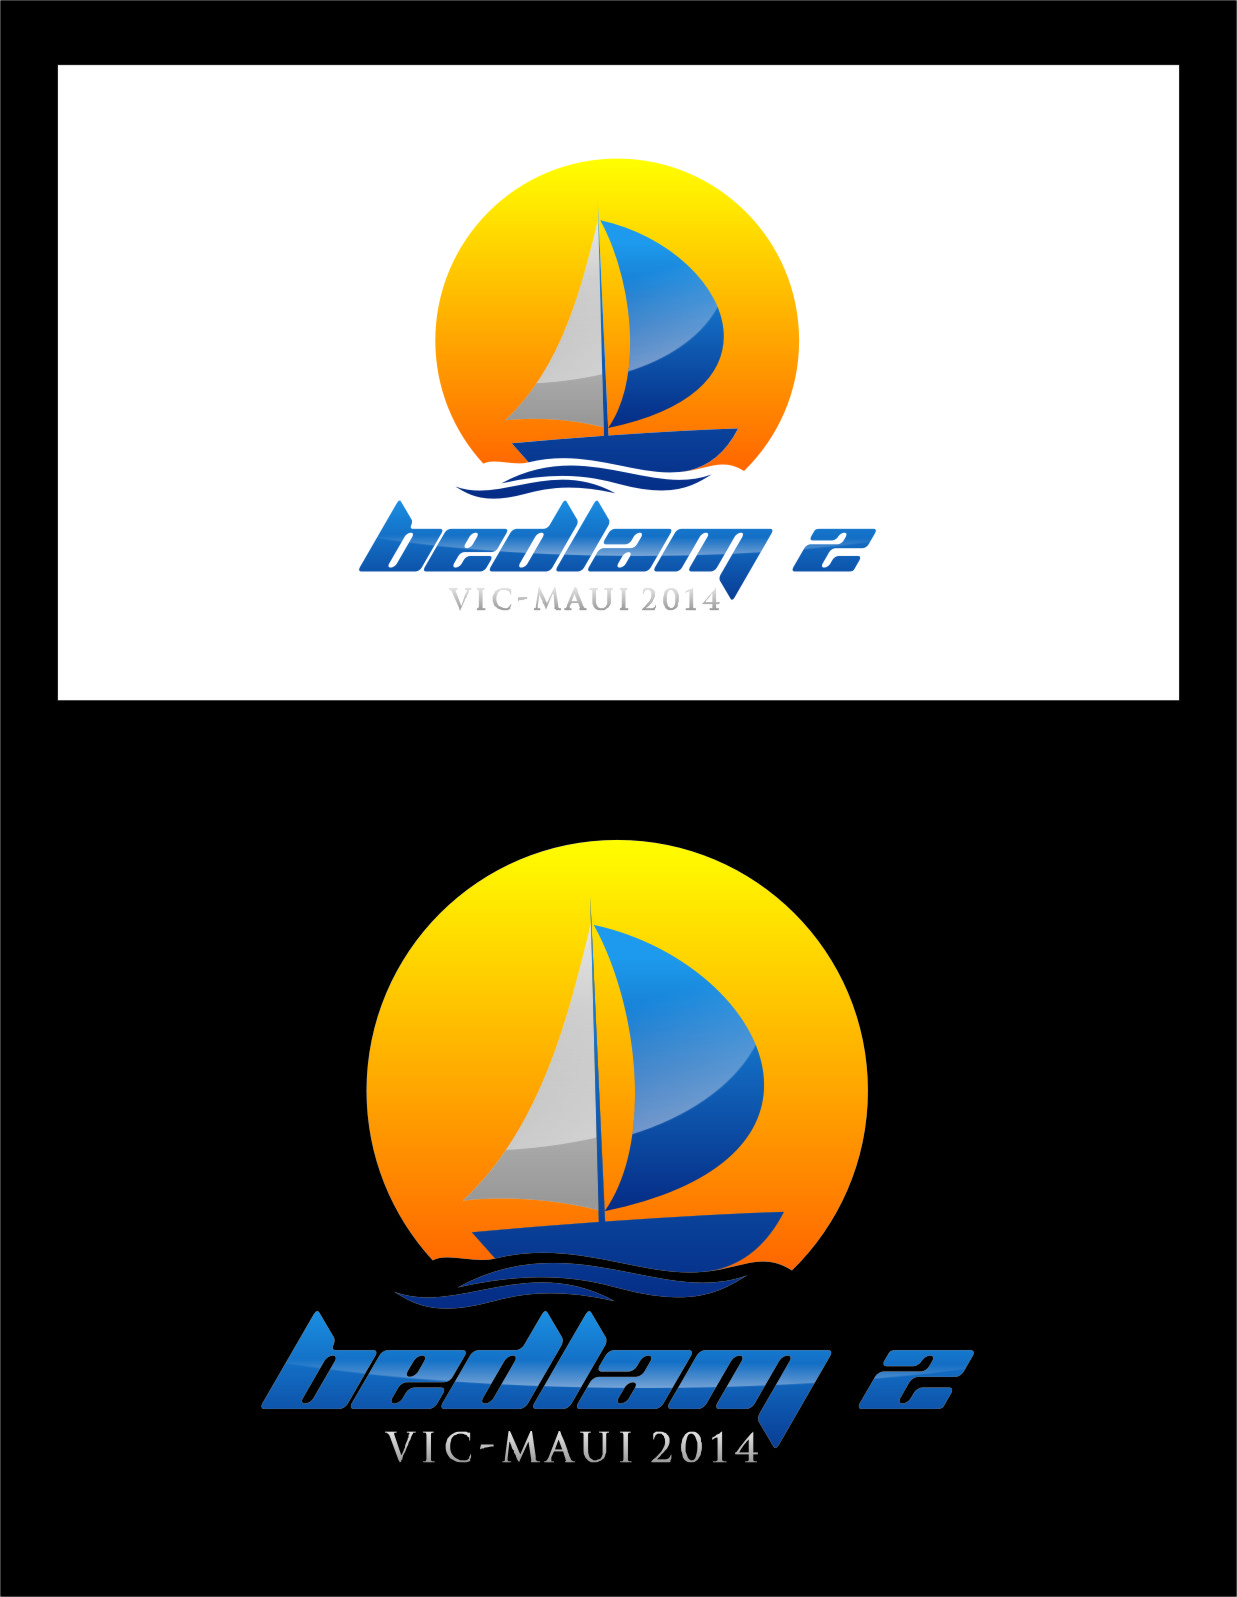 Logo Design by RasYa Muhammad Athaya - Entry No. 46 in the Logo Design Contest Artistic Logo Design for Bedlam 2  Vic-Maui 2014.